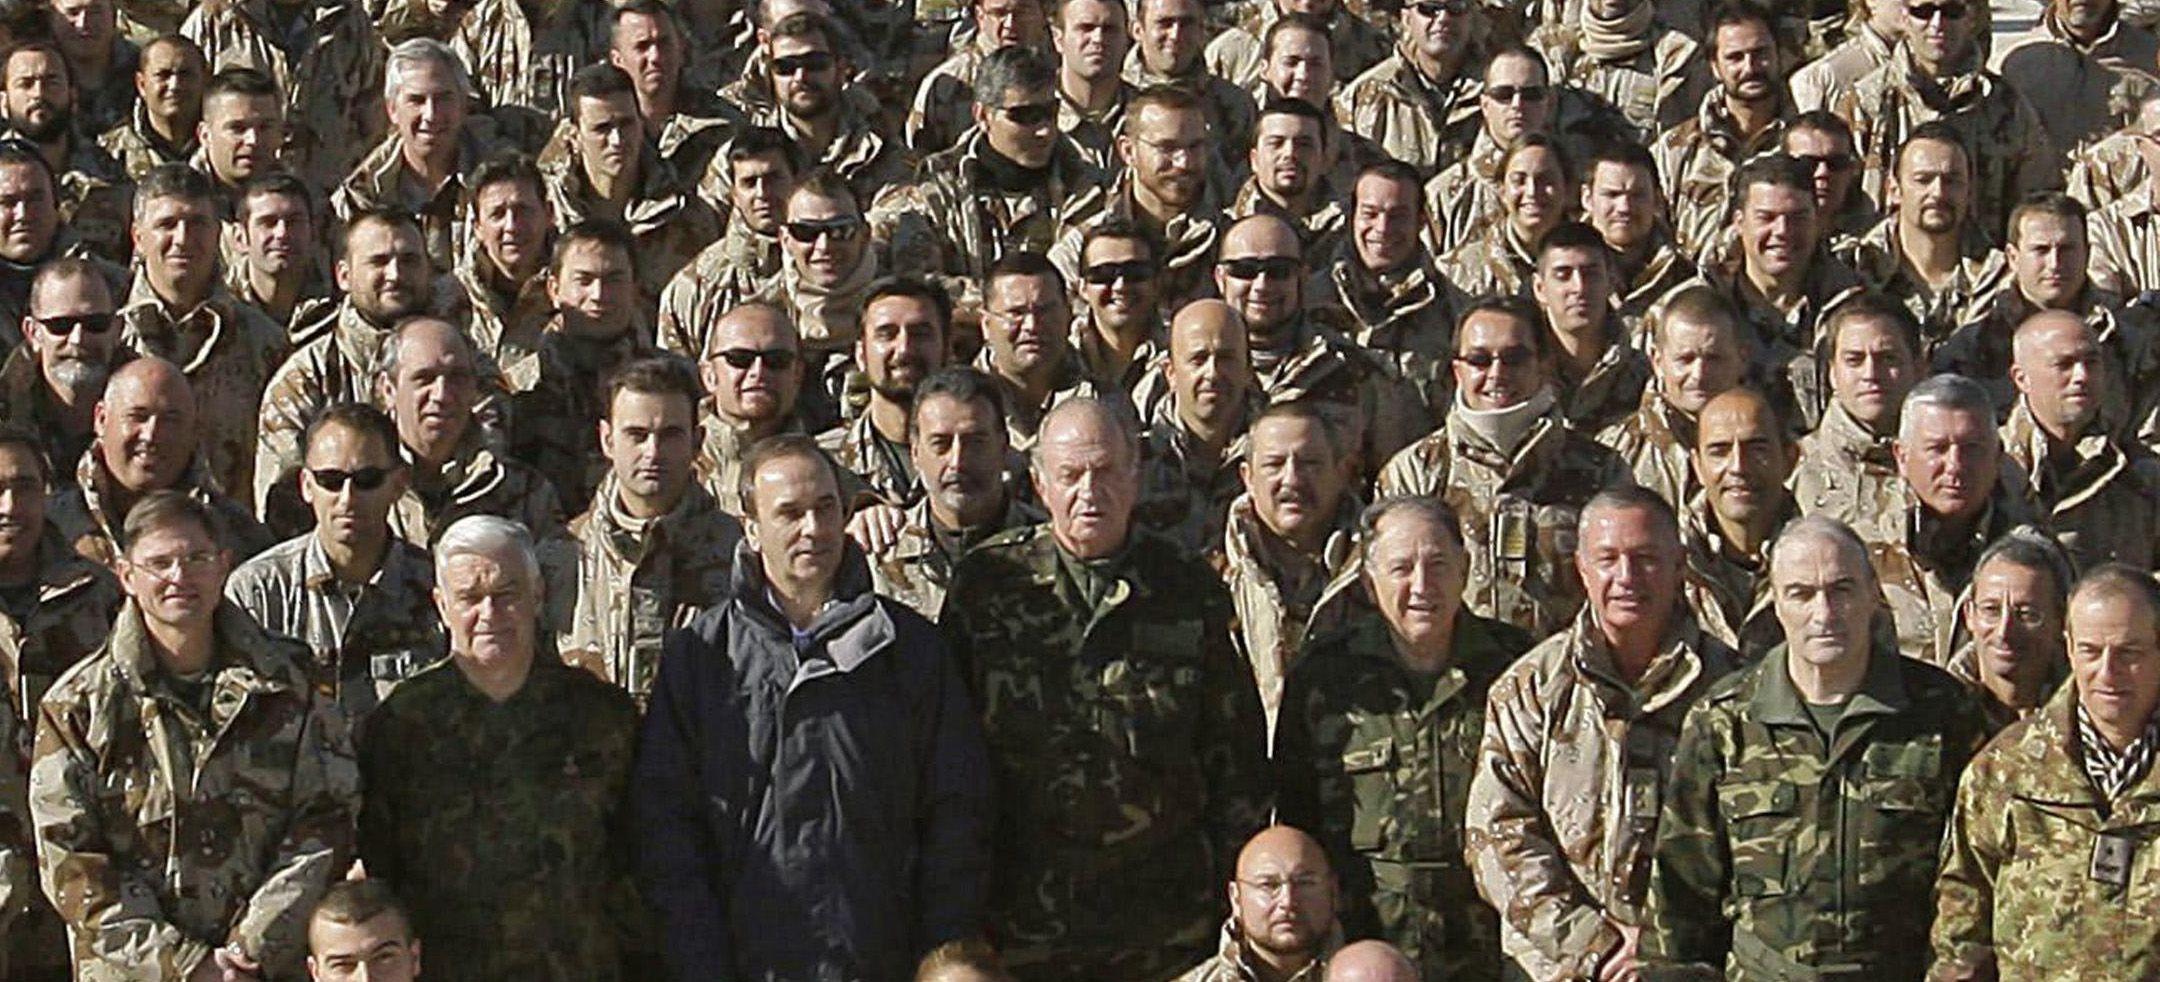 El rey Juan Carlos visitó sorpresivamente a las tropas en Afganistán